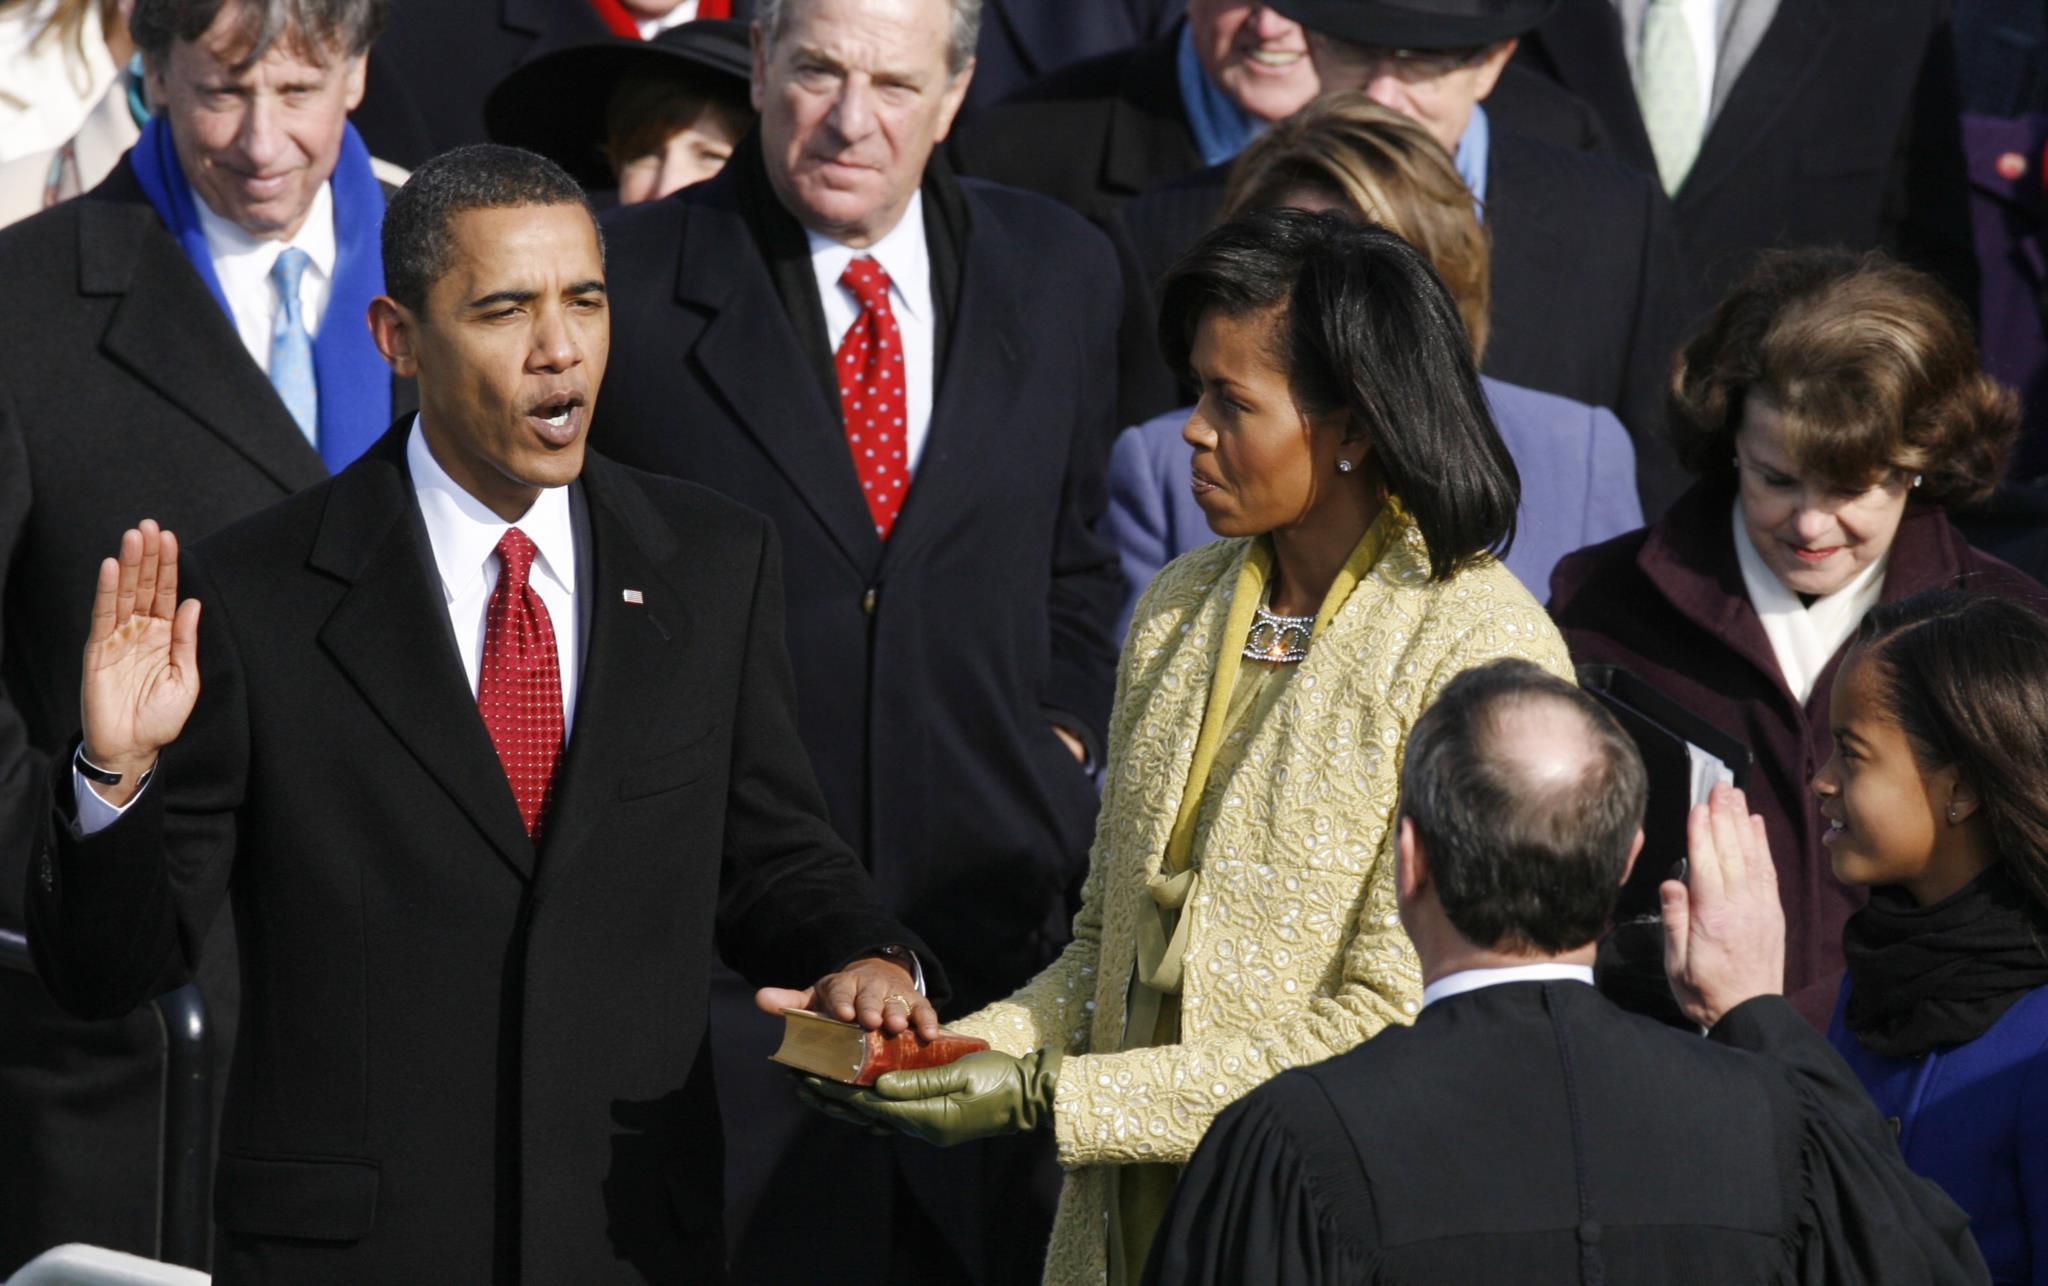 Com a mão sobre a mesma bíblia usada por Abraham Lincoln na tomada de posse, em 1861, Barack Obama tornou-se o 44.º Presidente dos EUA a 20 de Janeiro de 2009